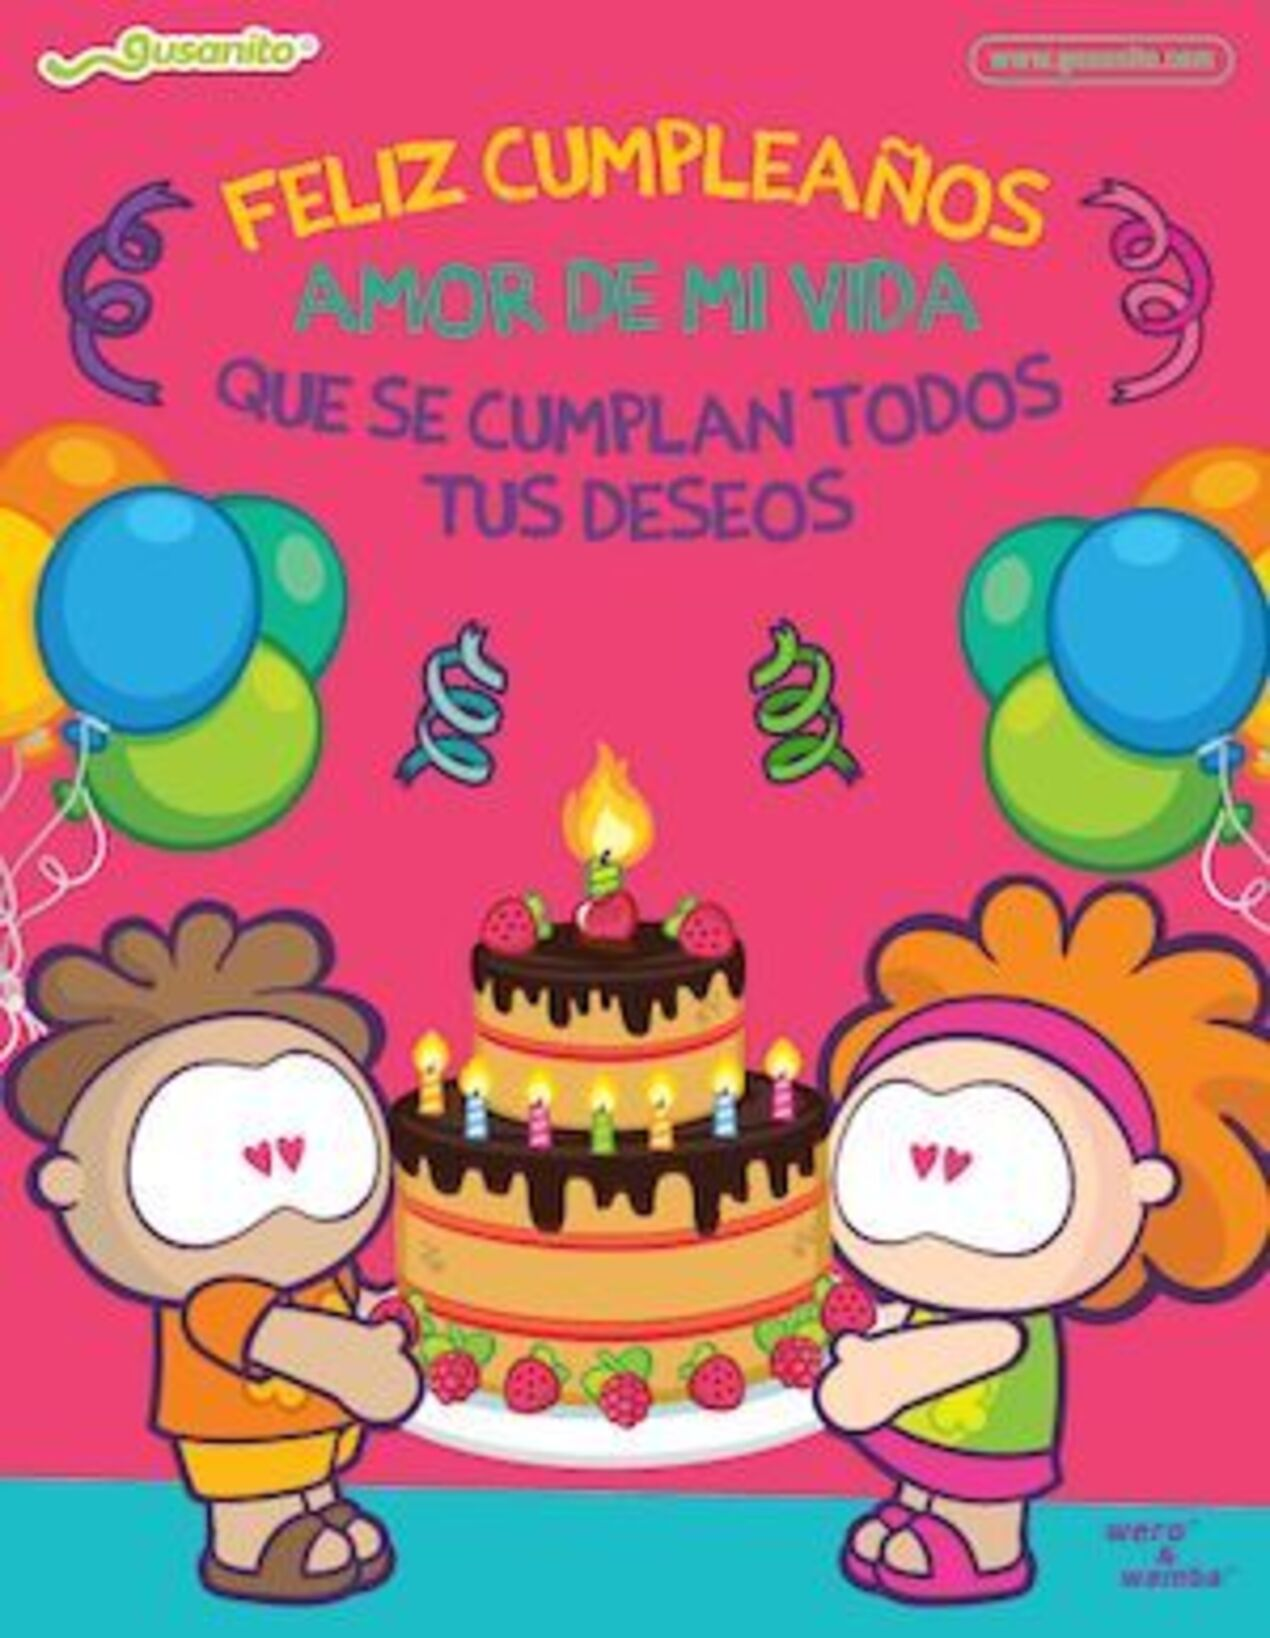 Feliz cumpleaños amor de mi vida que se cumplan todos tus deseos